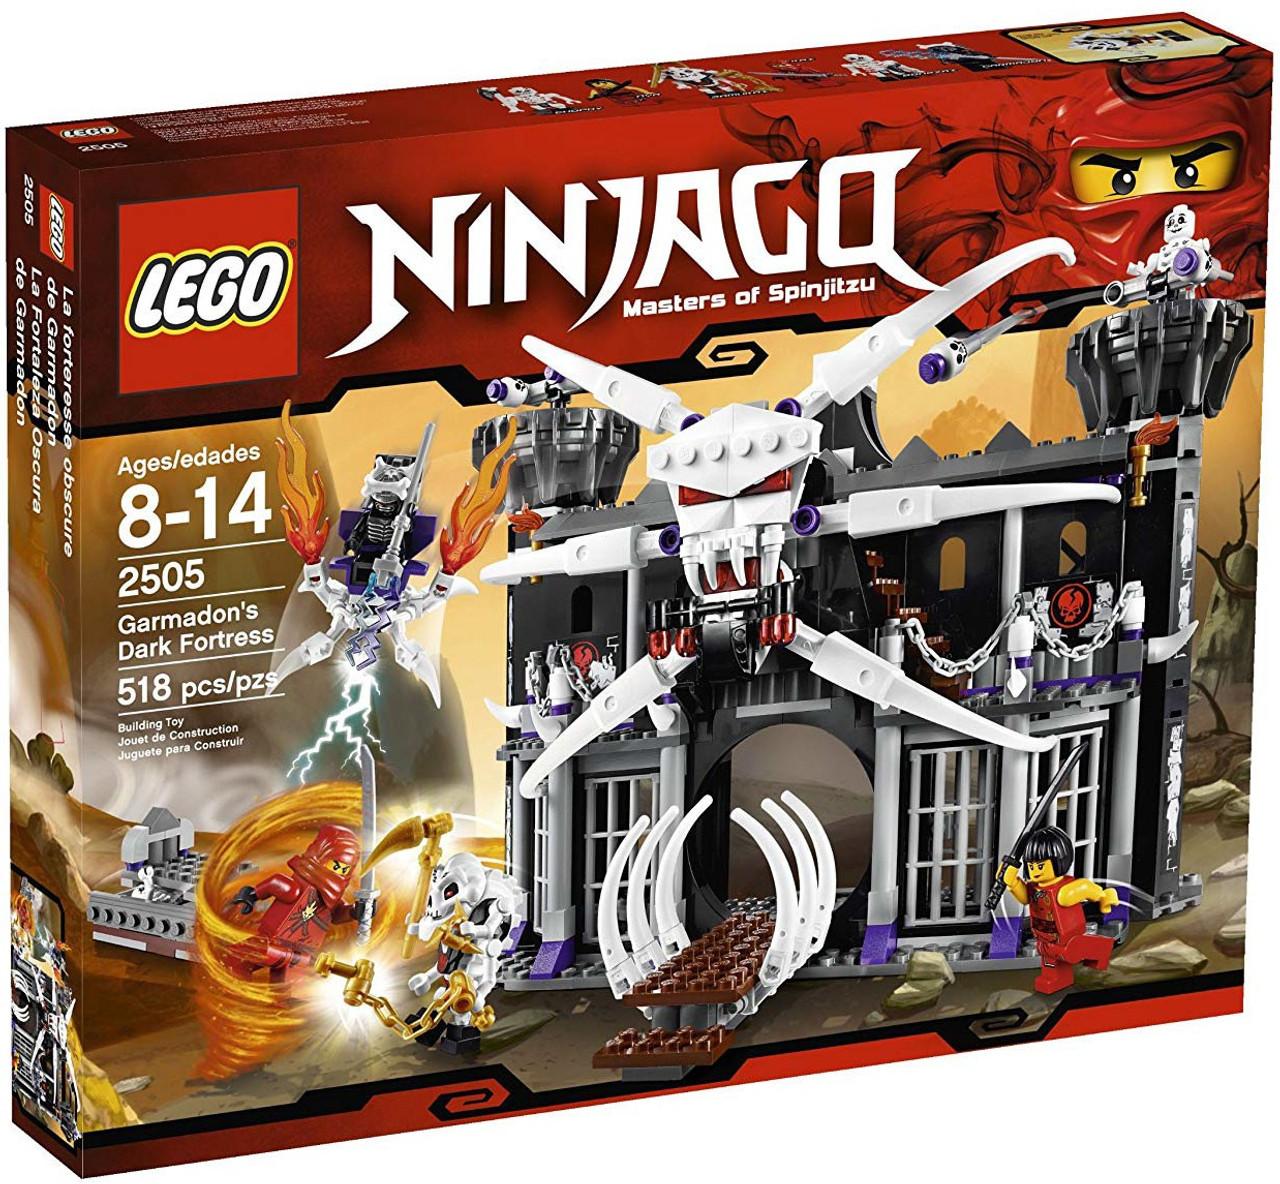 LEGO Ninjago Garmadons Dark Fortress Set 2505 - ToyWiz